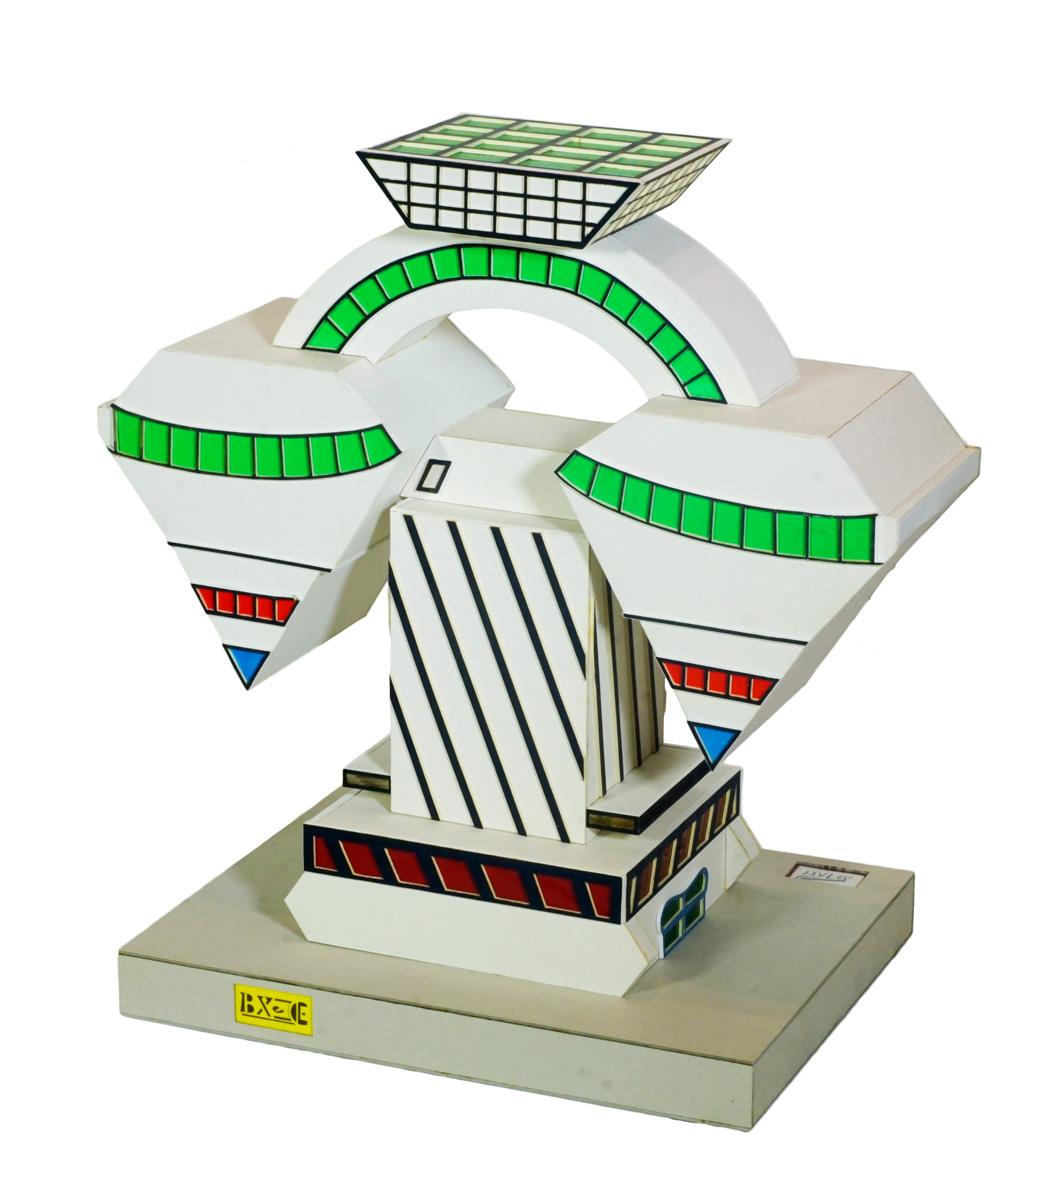 Vue d'une maquette d'immeuble